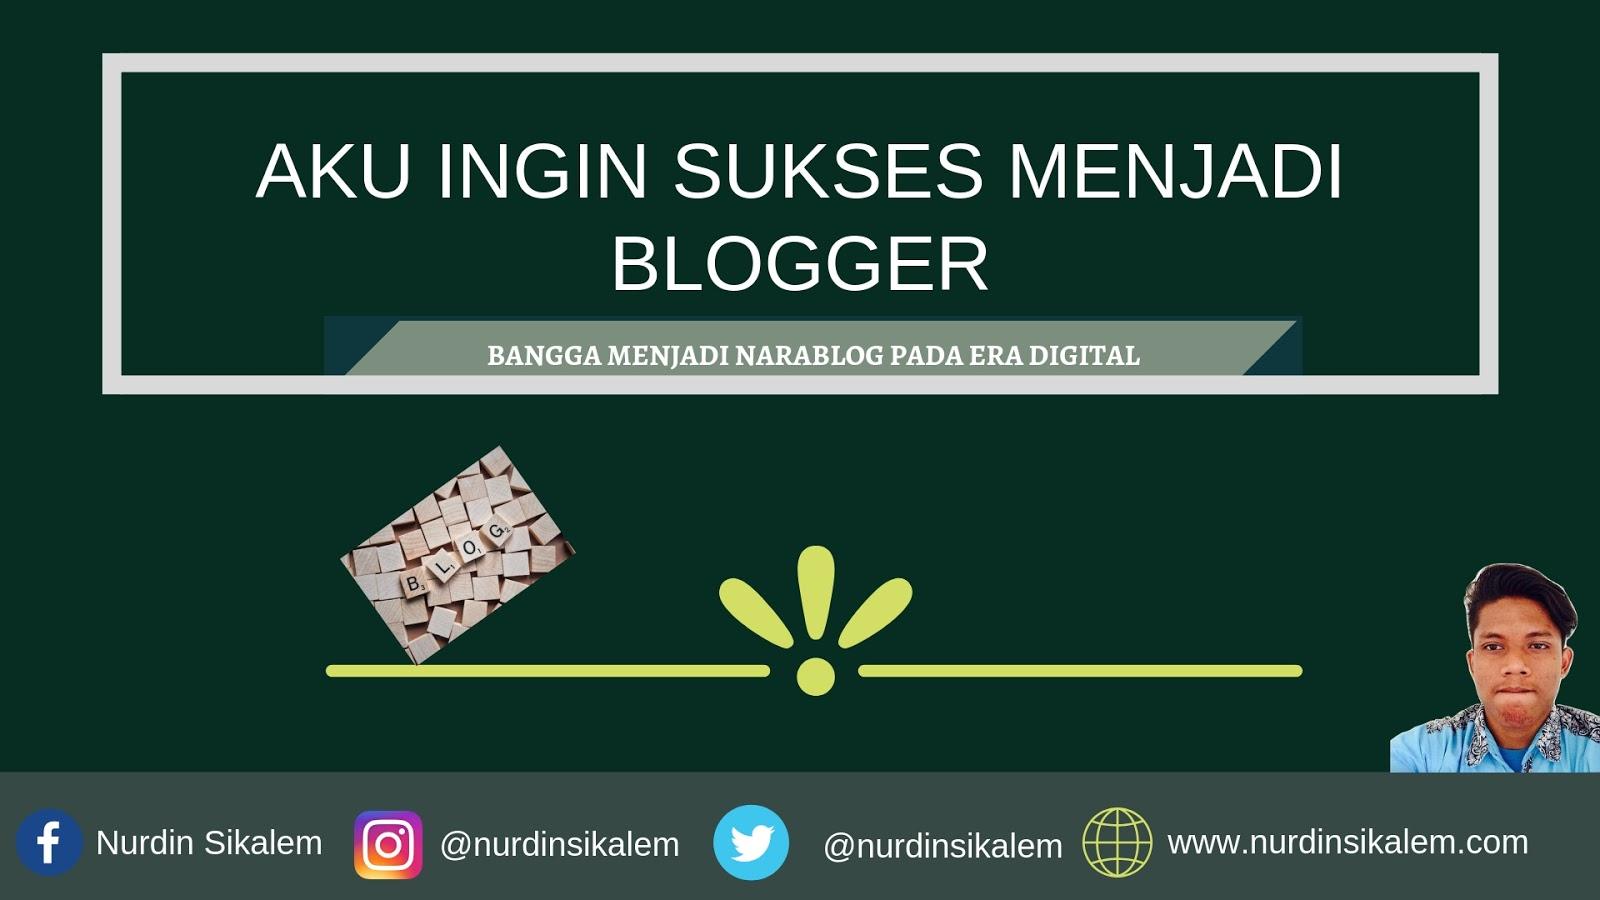 Aku Ingin Sukses Menjadi Blogger, Bangganya Menjadi Aktivisi Narablog Di Era Digital